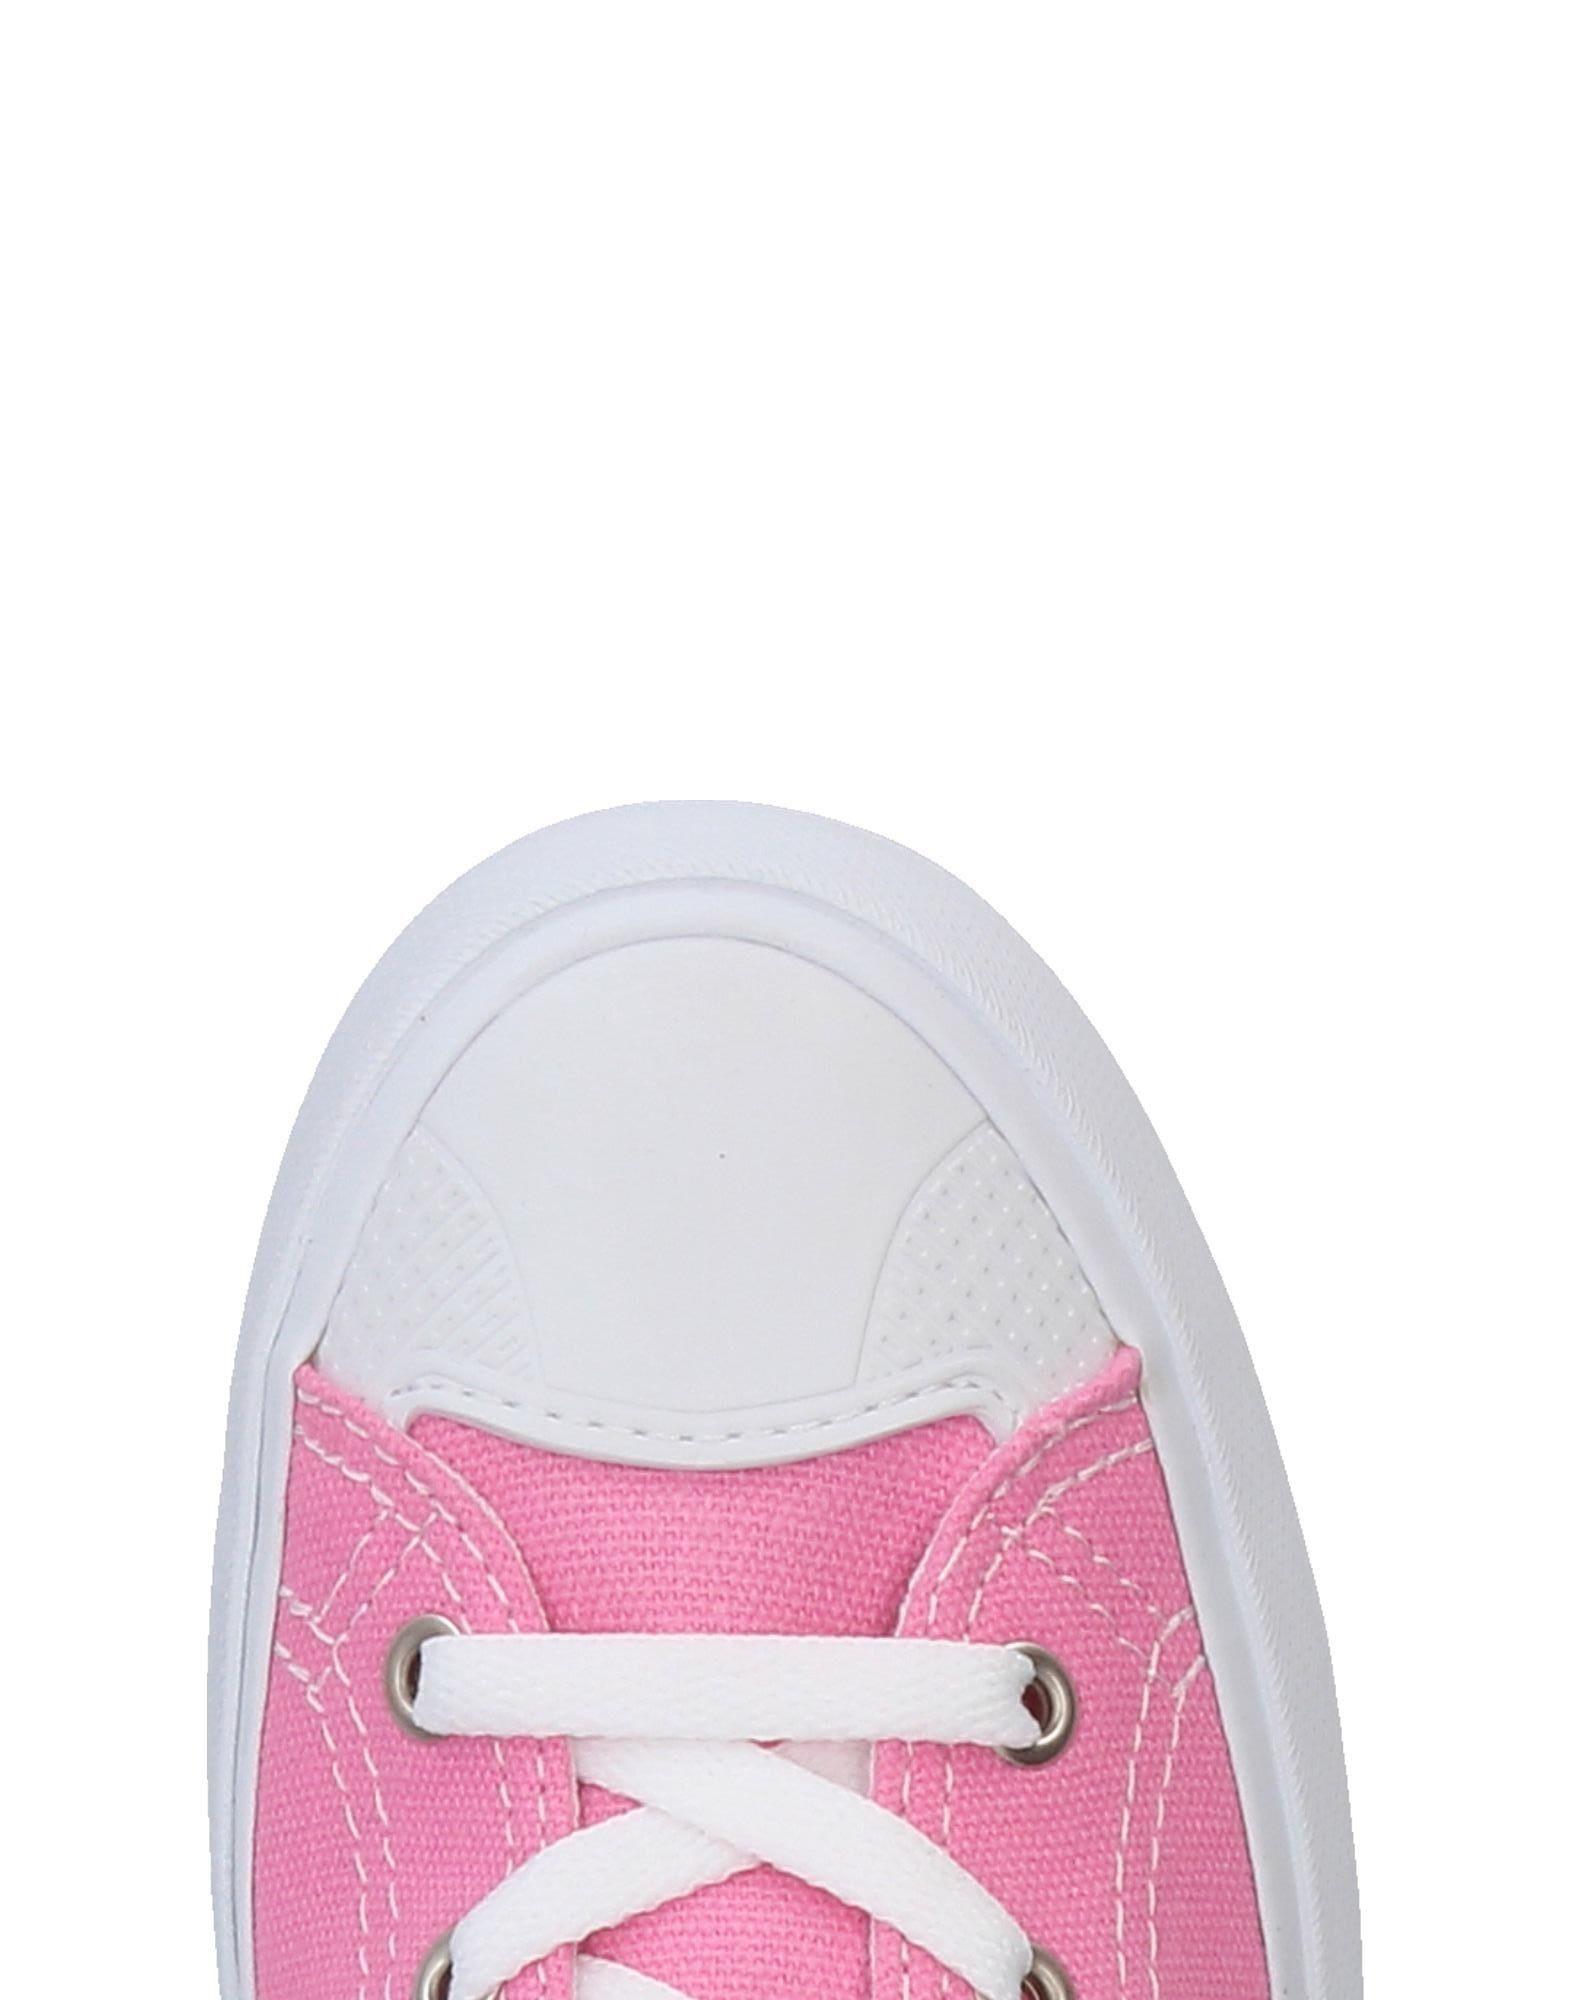 Sneakers abotinadas U.S. POLO ASSN. de Lona de color Rosa